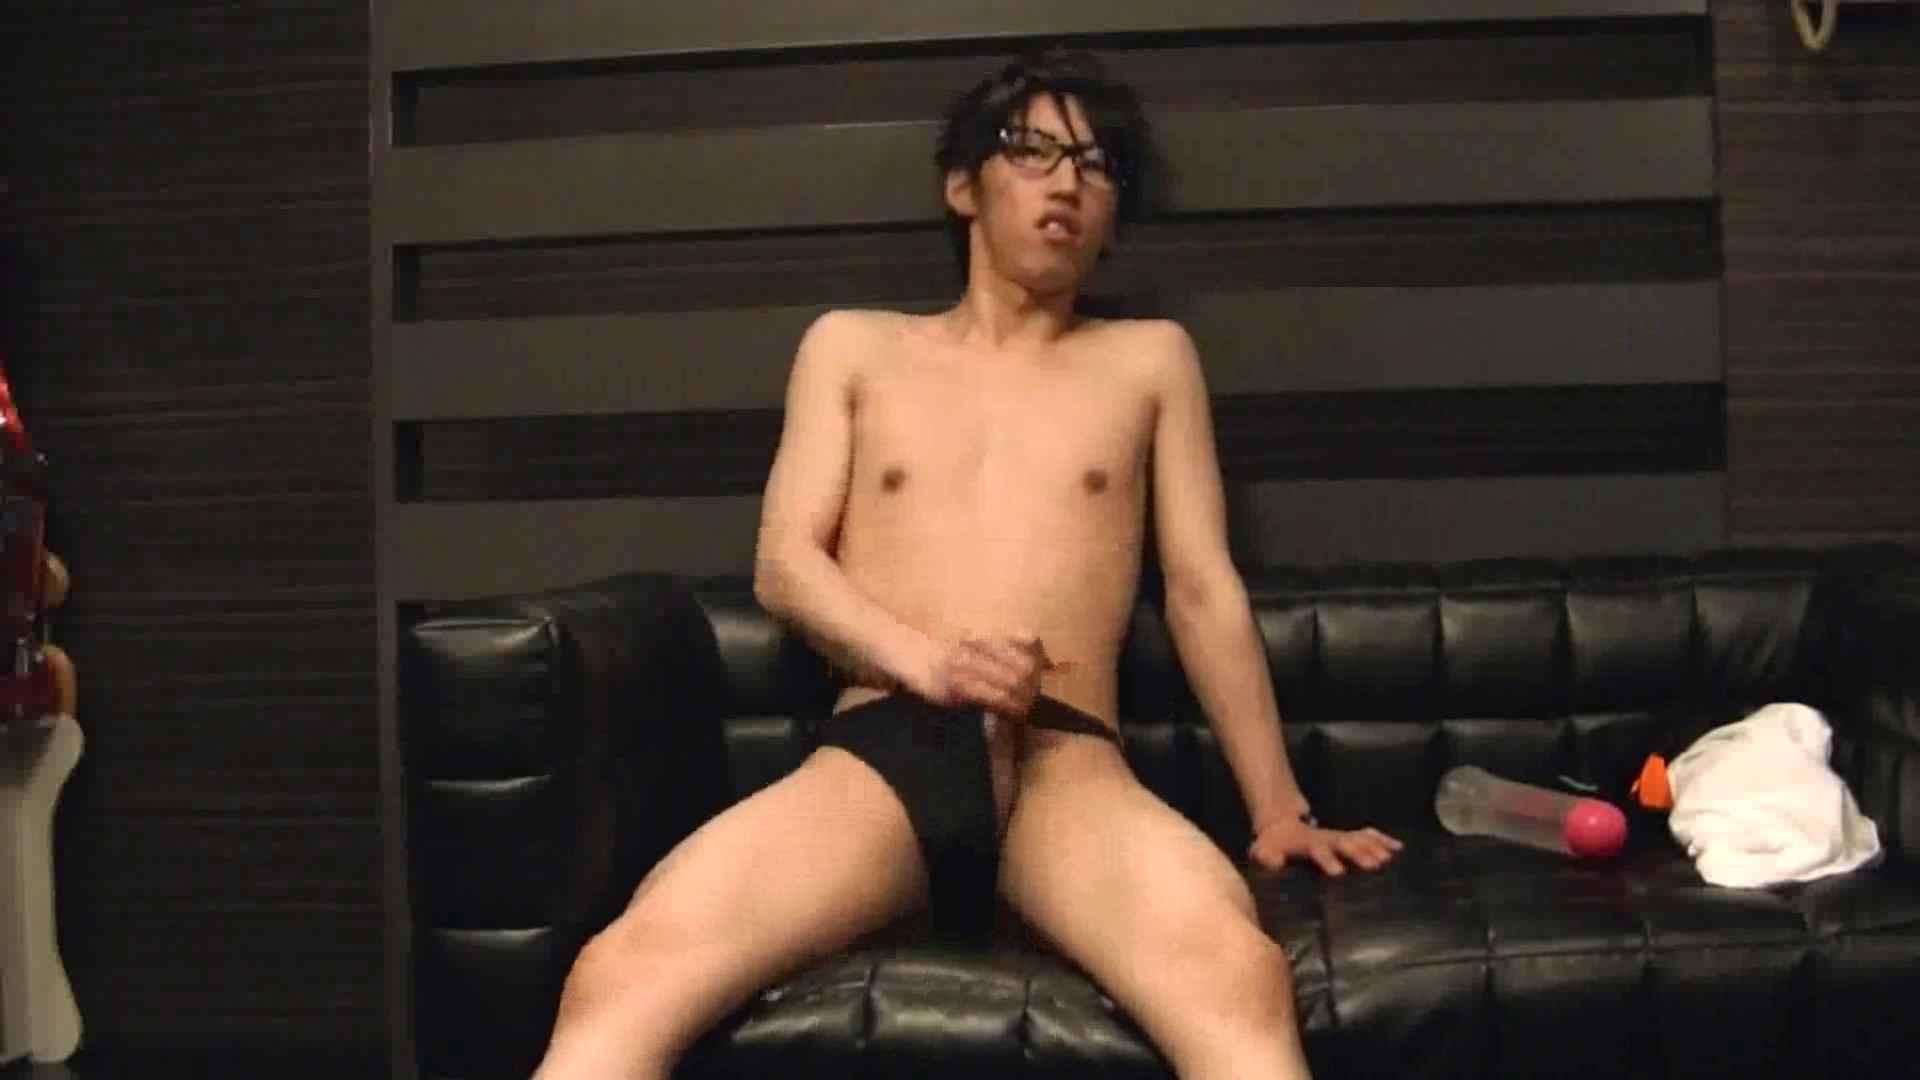 ONA見せカーニバル!! Vol3 男・男   モザイク無し ゲイ無料無修正画像 72pic 49